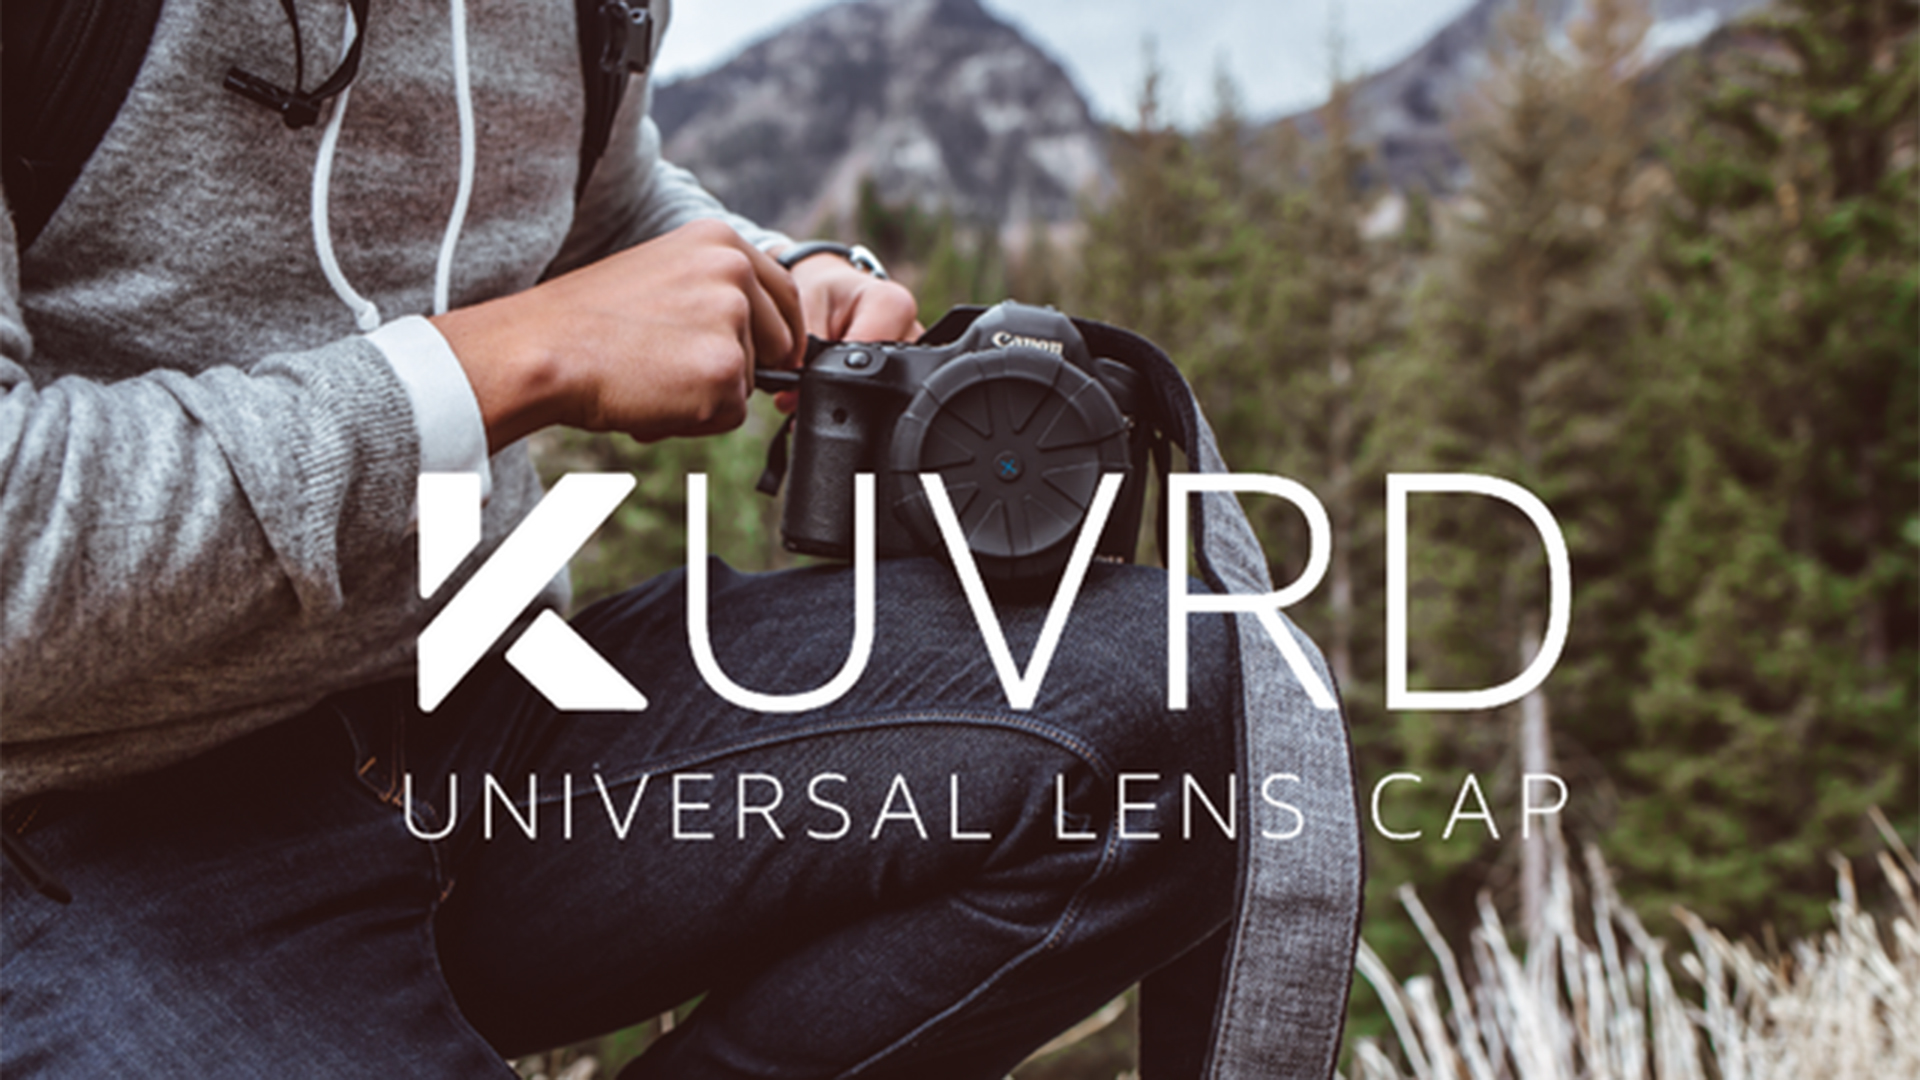 KUVRD ULC - ありそうで無かった新しいスタイルのレンズキャップ